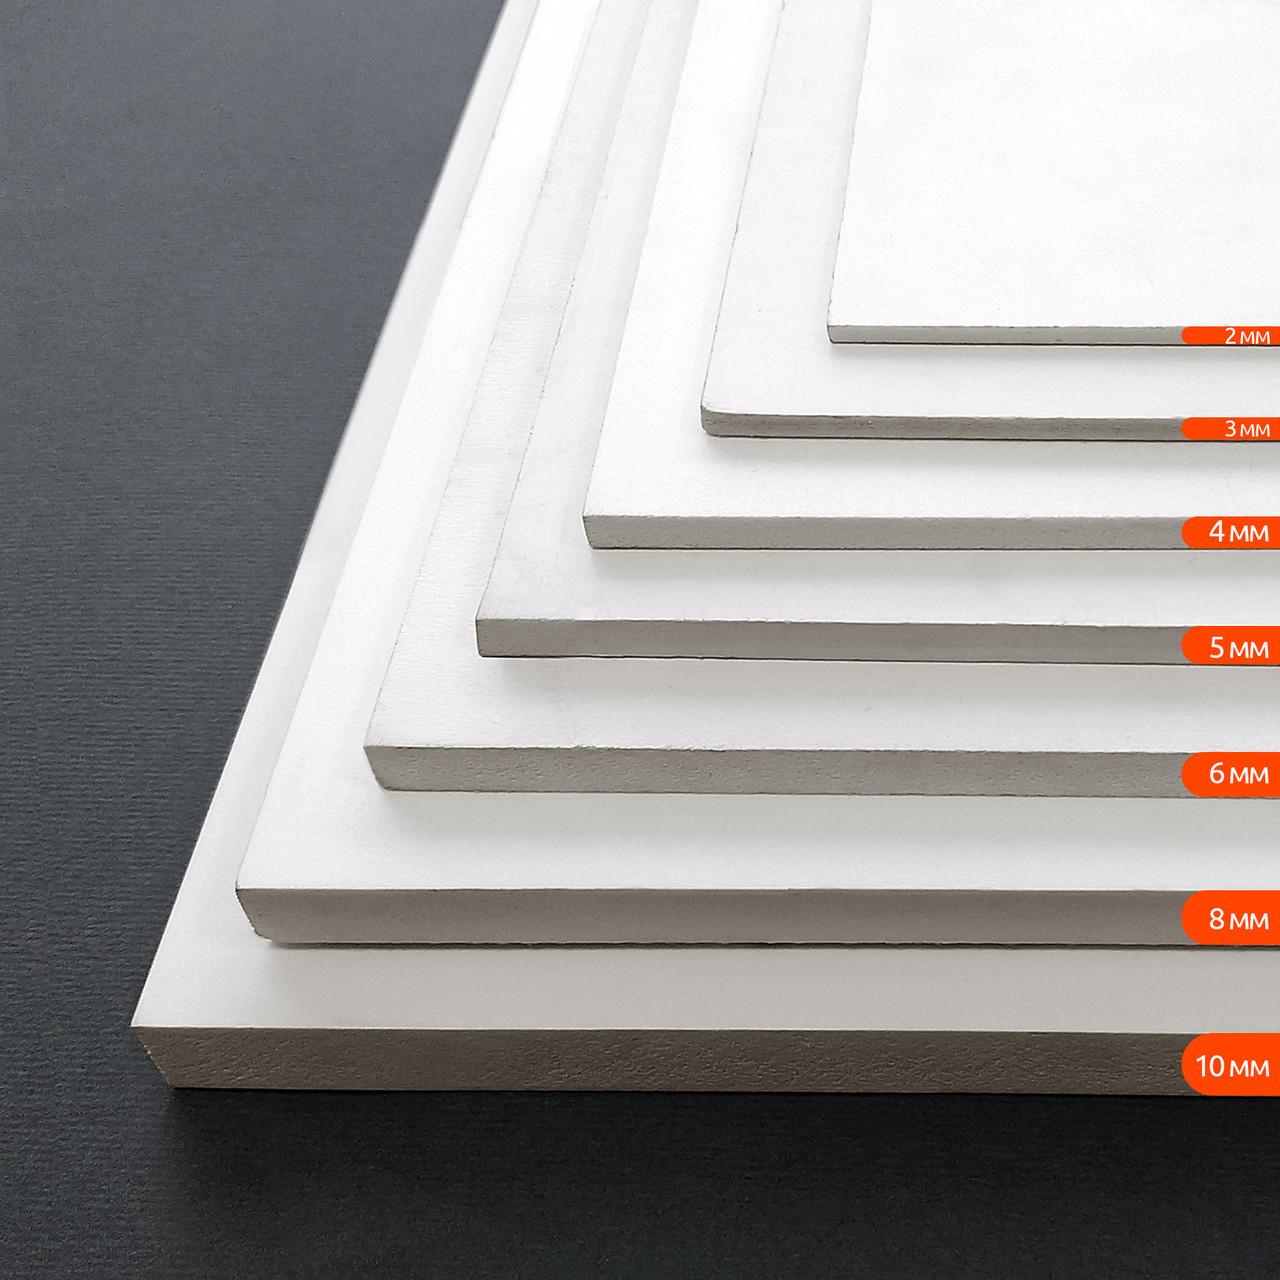 ПВХ спінений, білий, лист 2.05 х 3.05 м, 2 мм